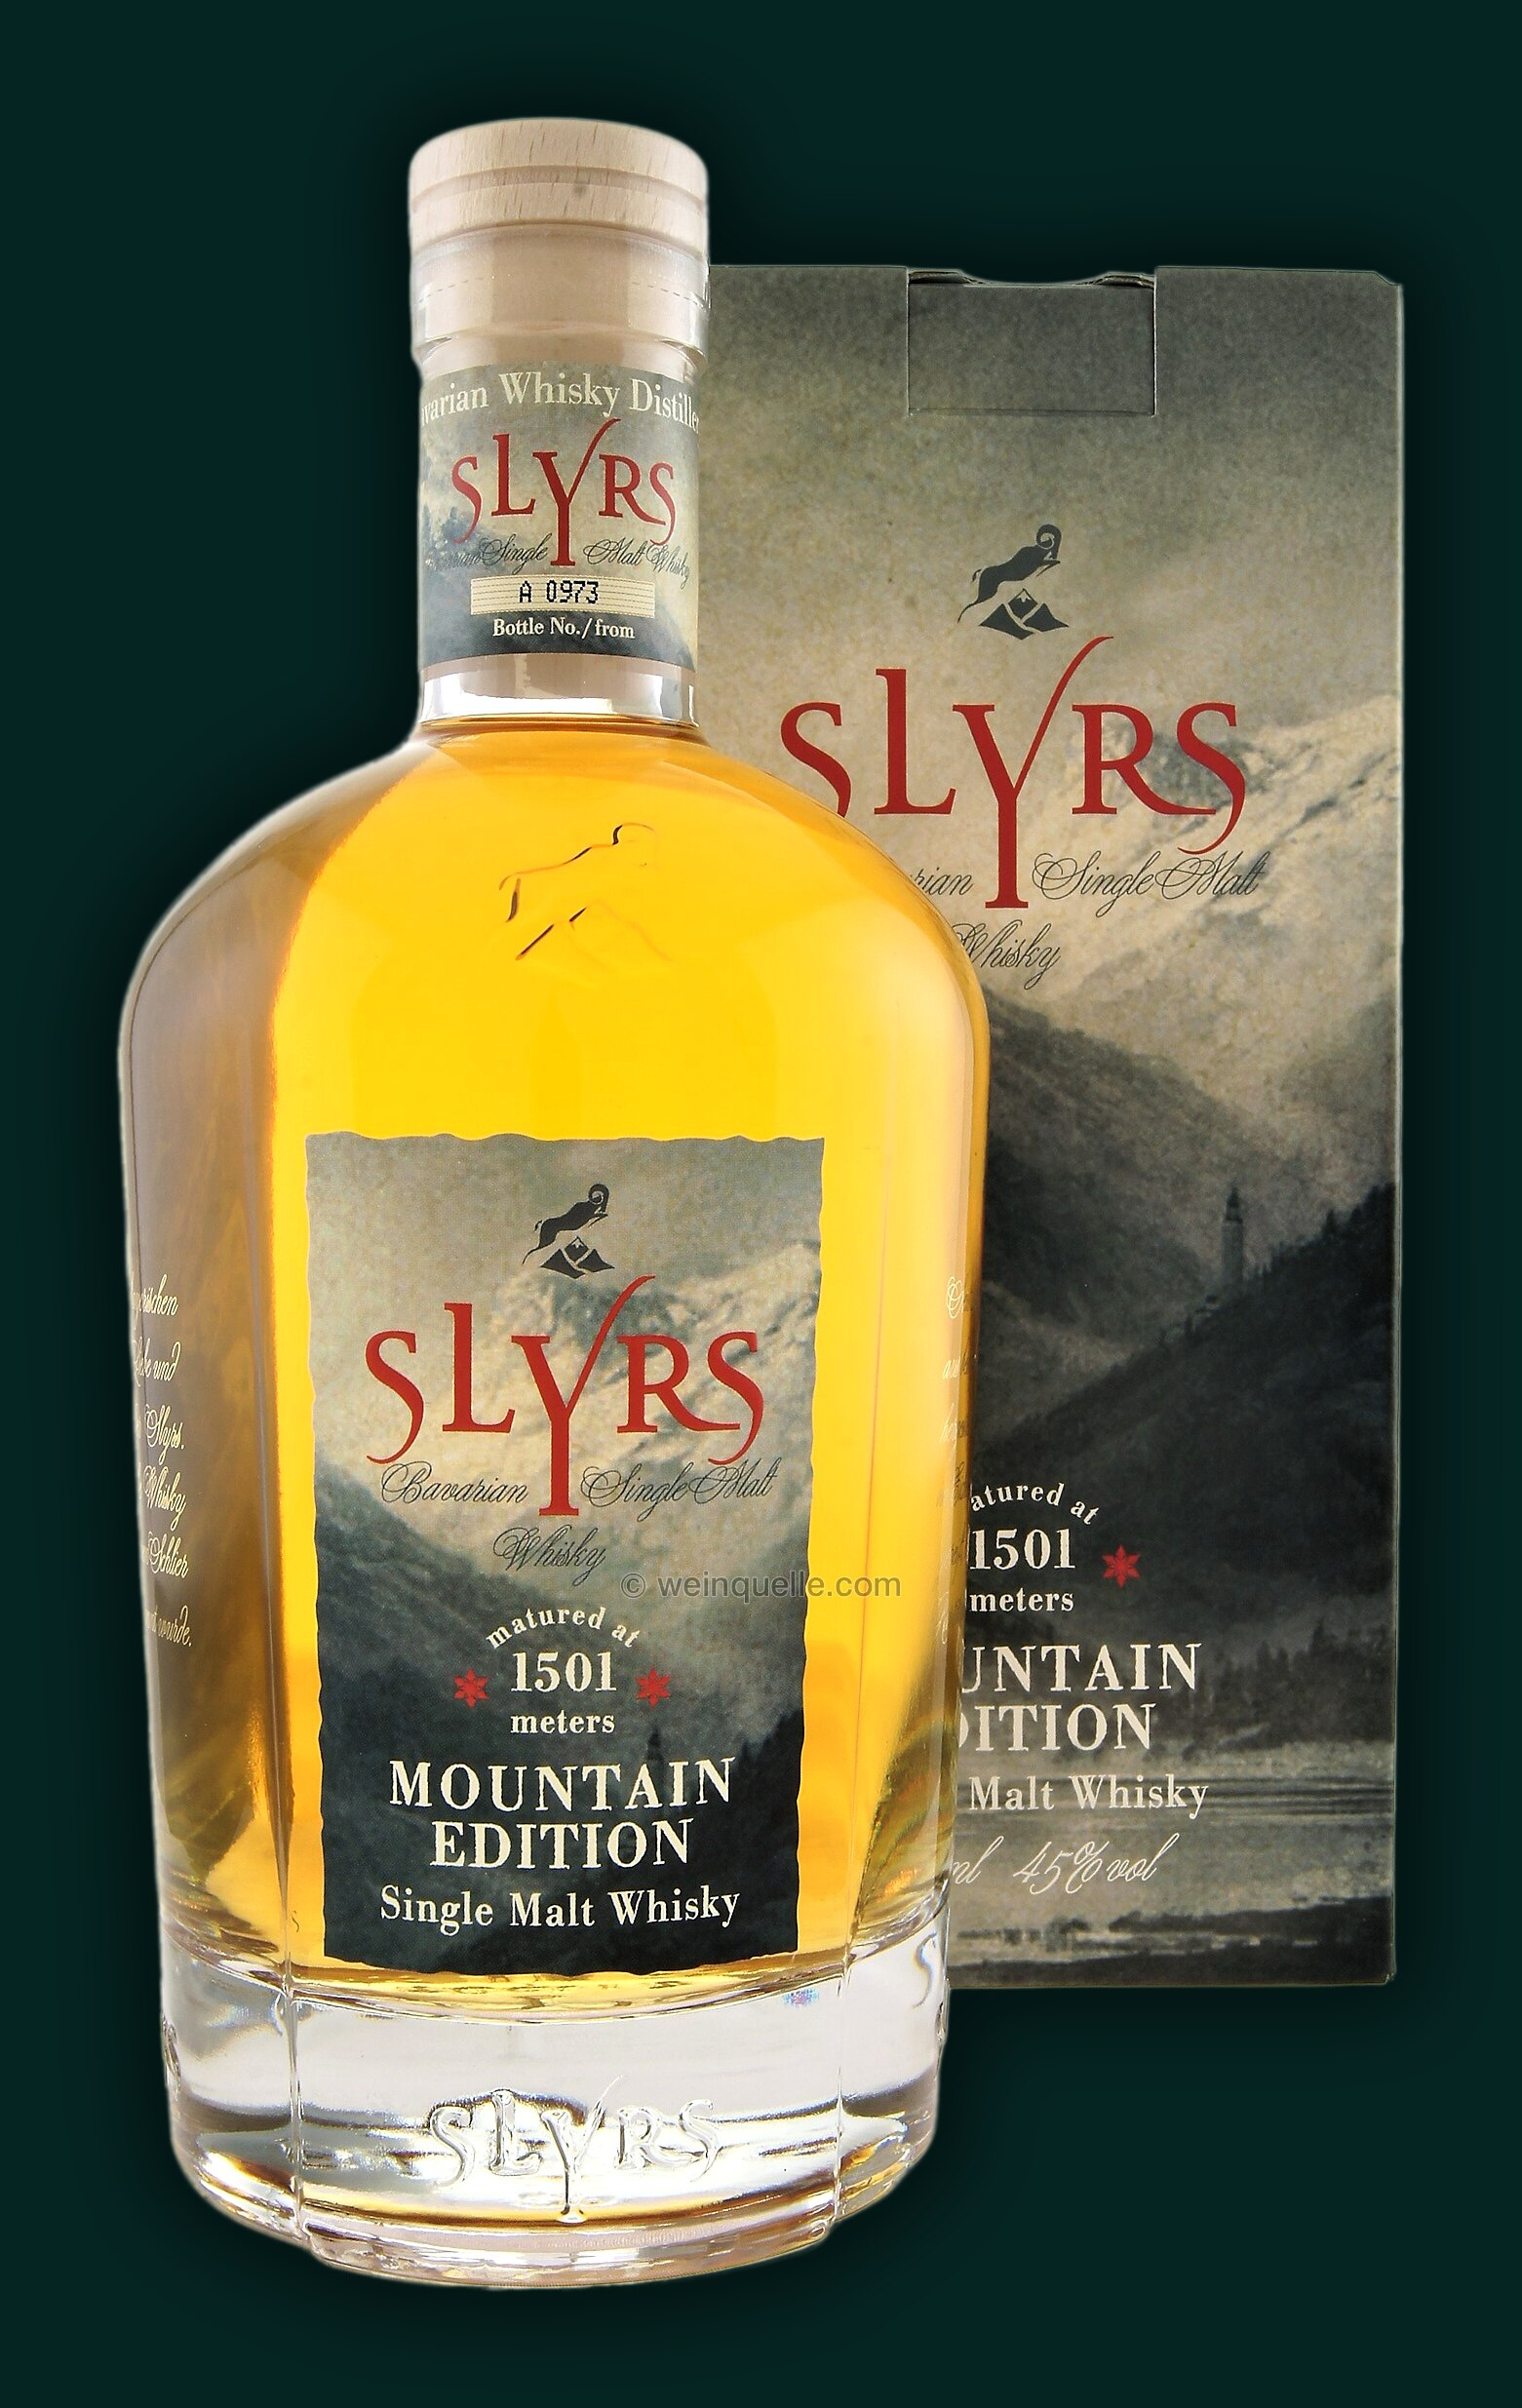 Slyrs Bavarian Single Malt Whisky Mountain Edition, 75,90